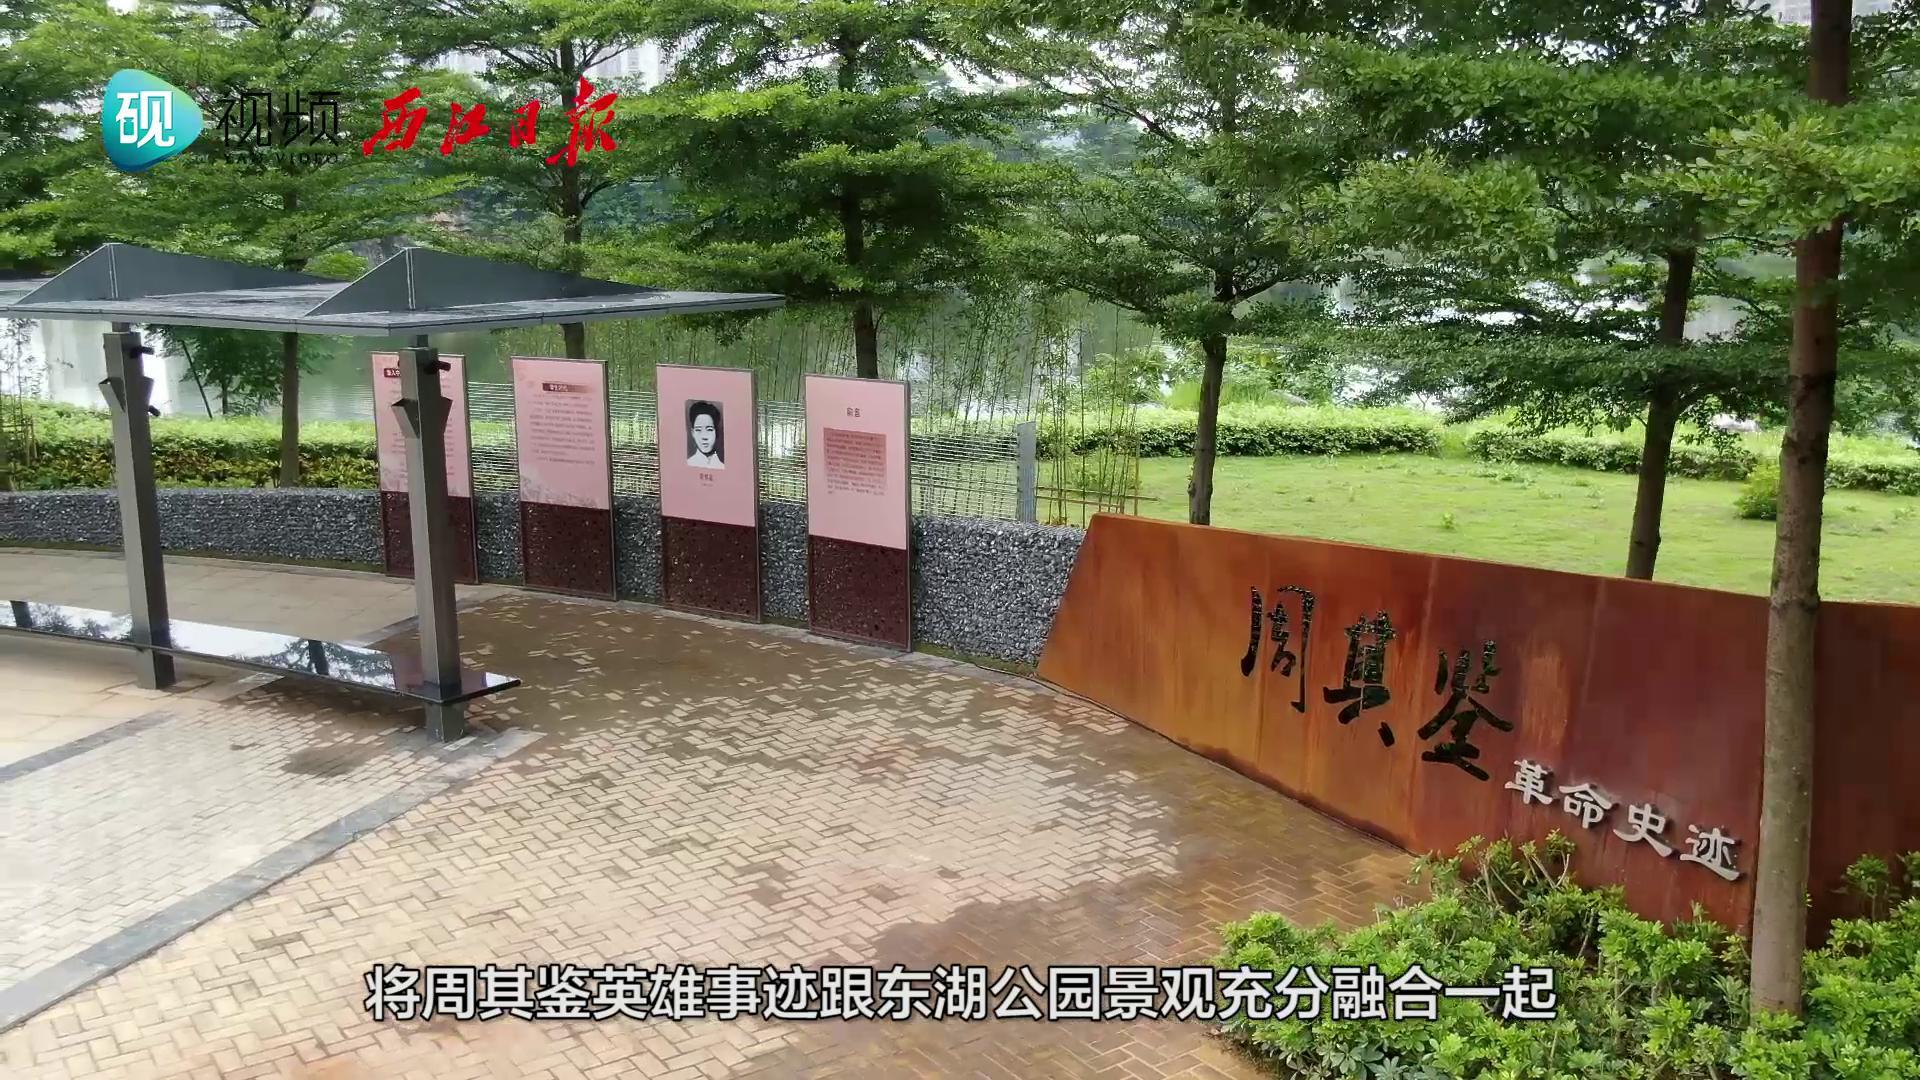 周其鉴公园开园,新增红色文化宣传阵地